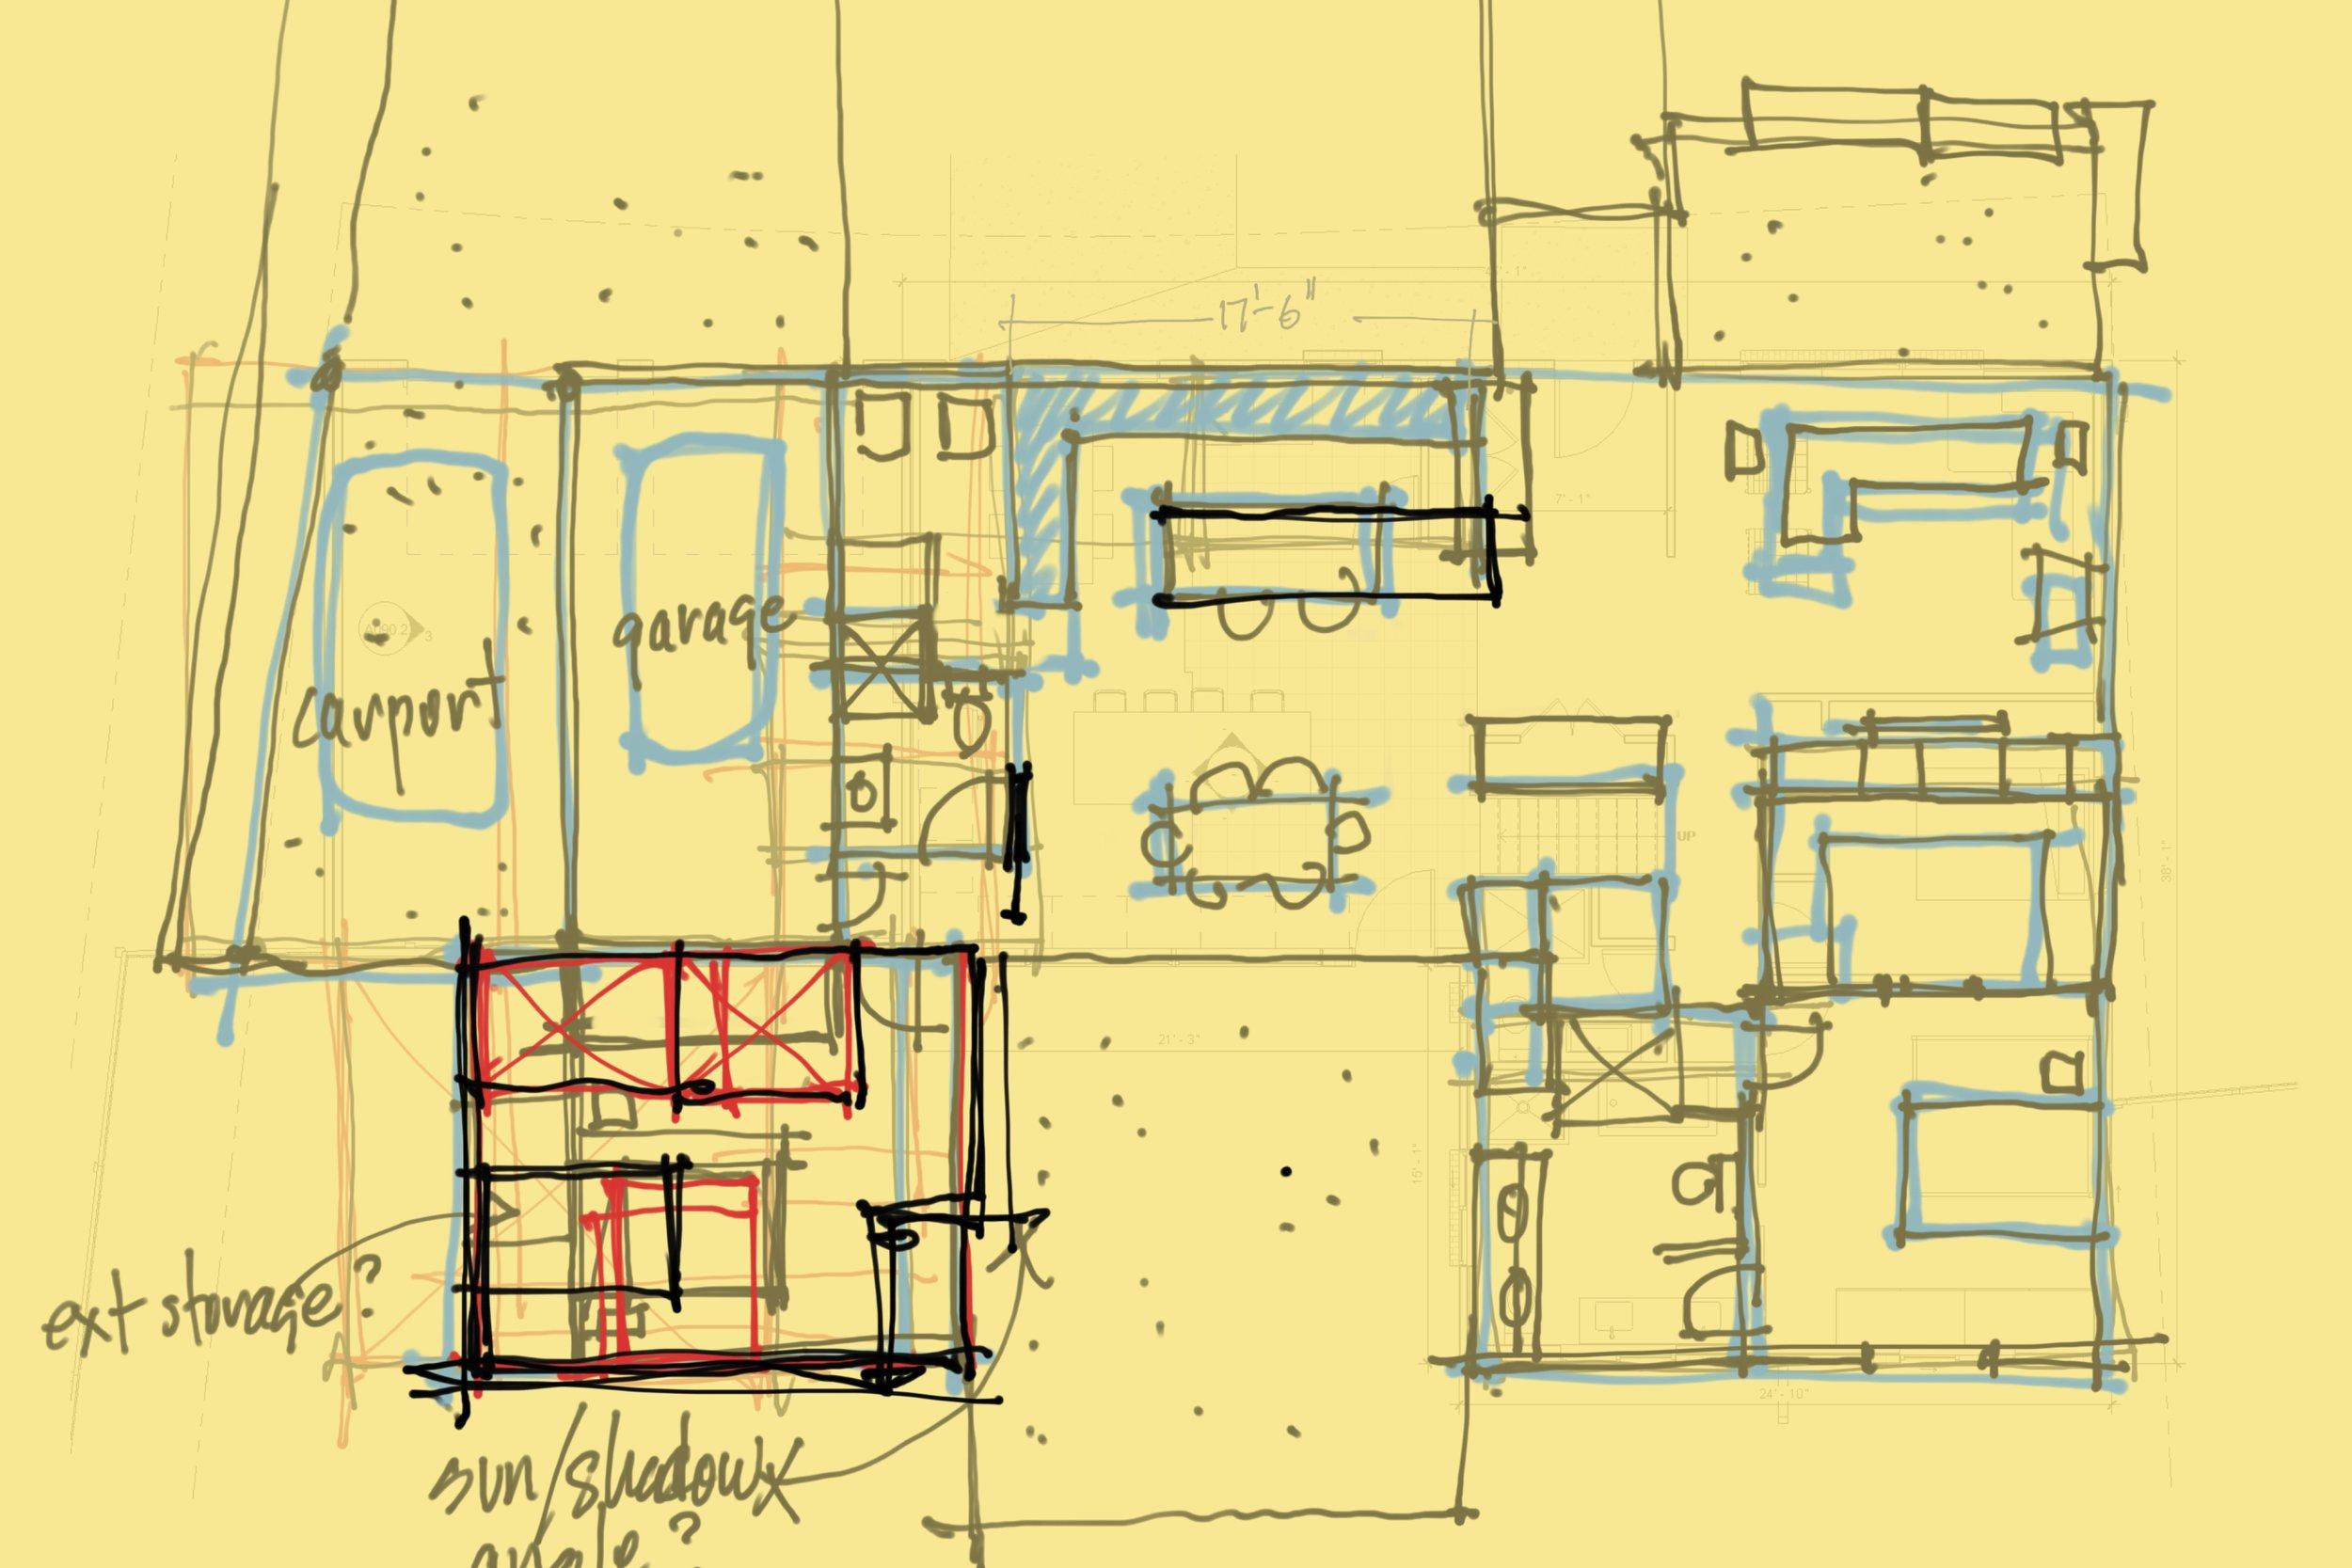 Guest Suite updated plan sketch.jpg